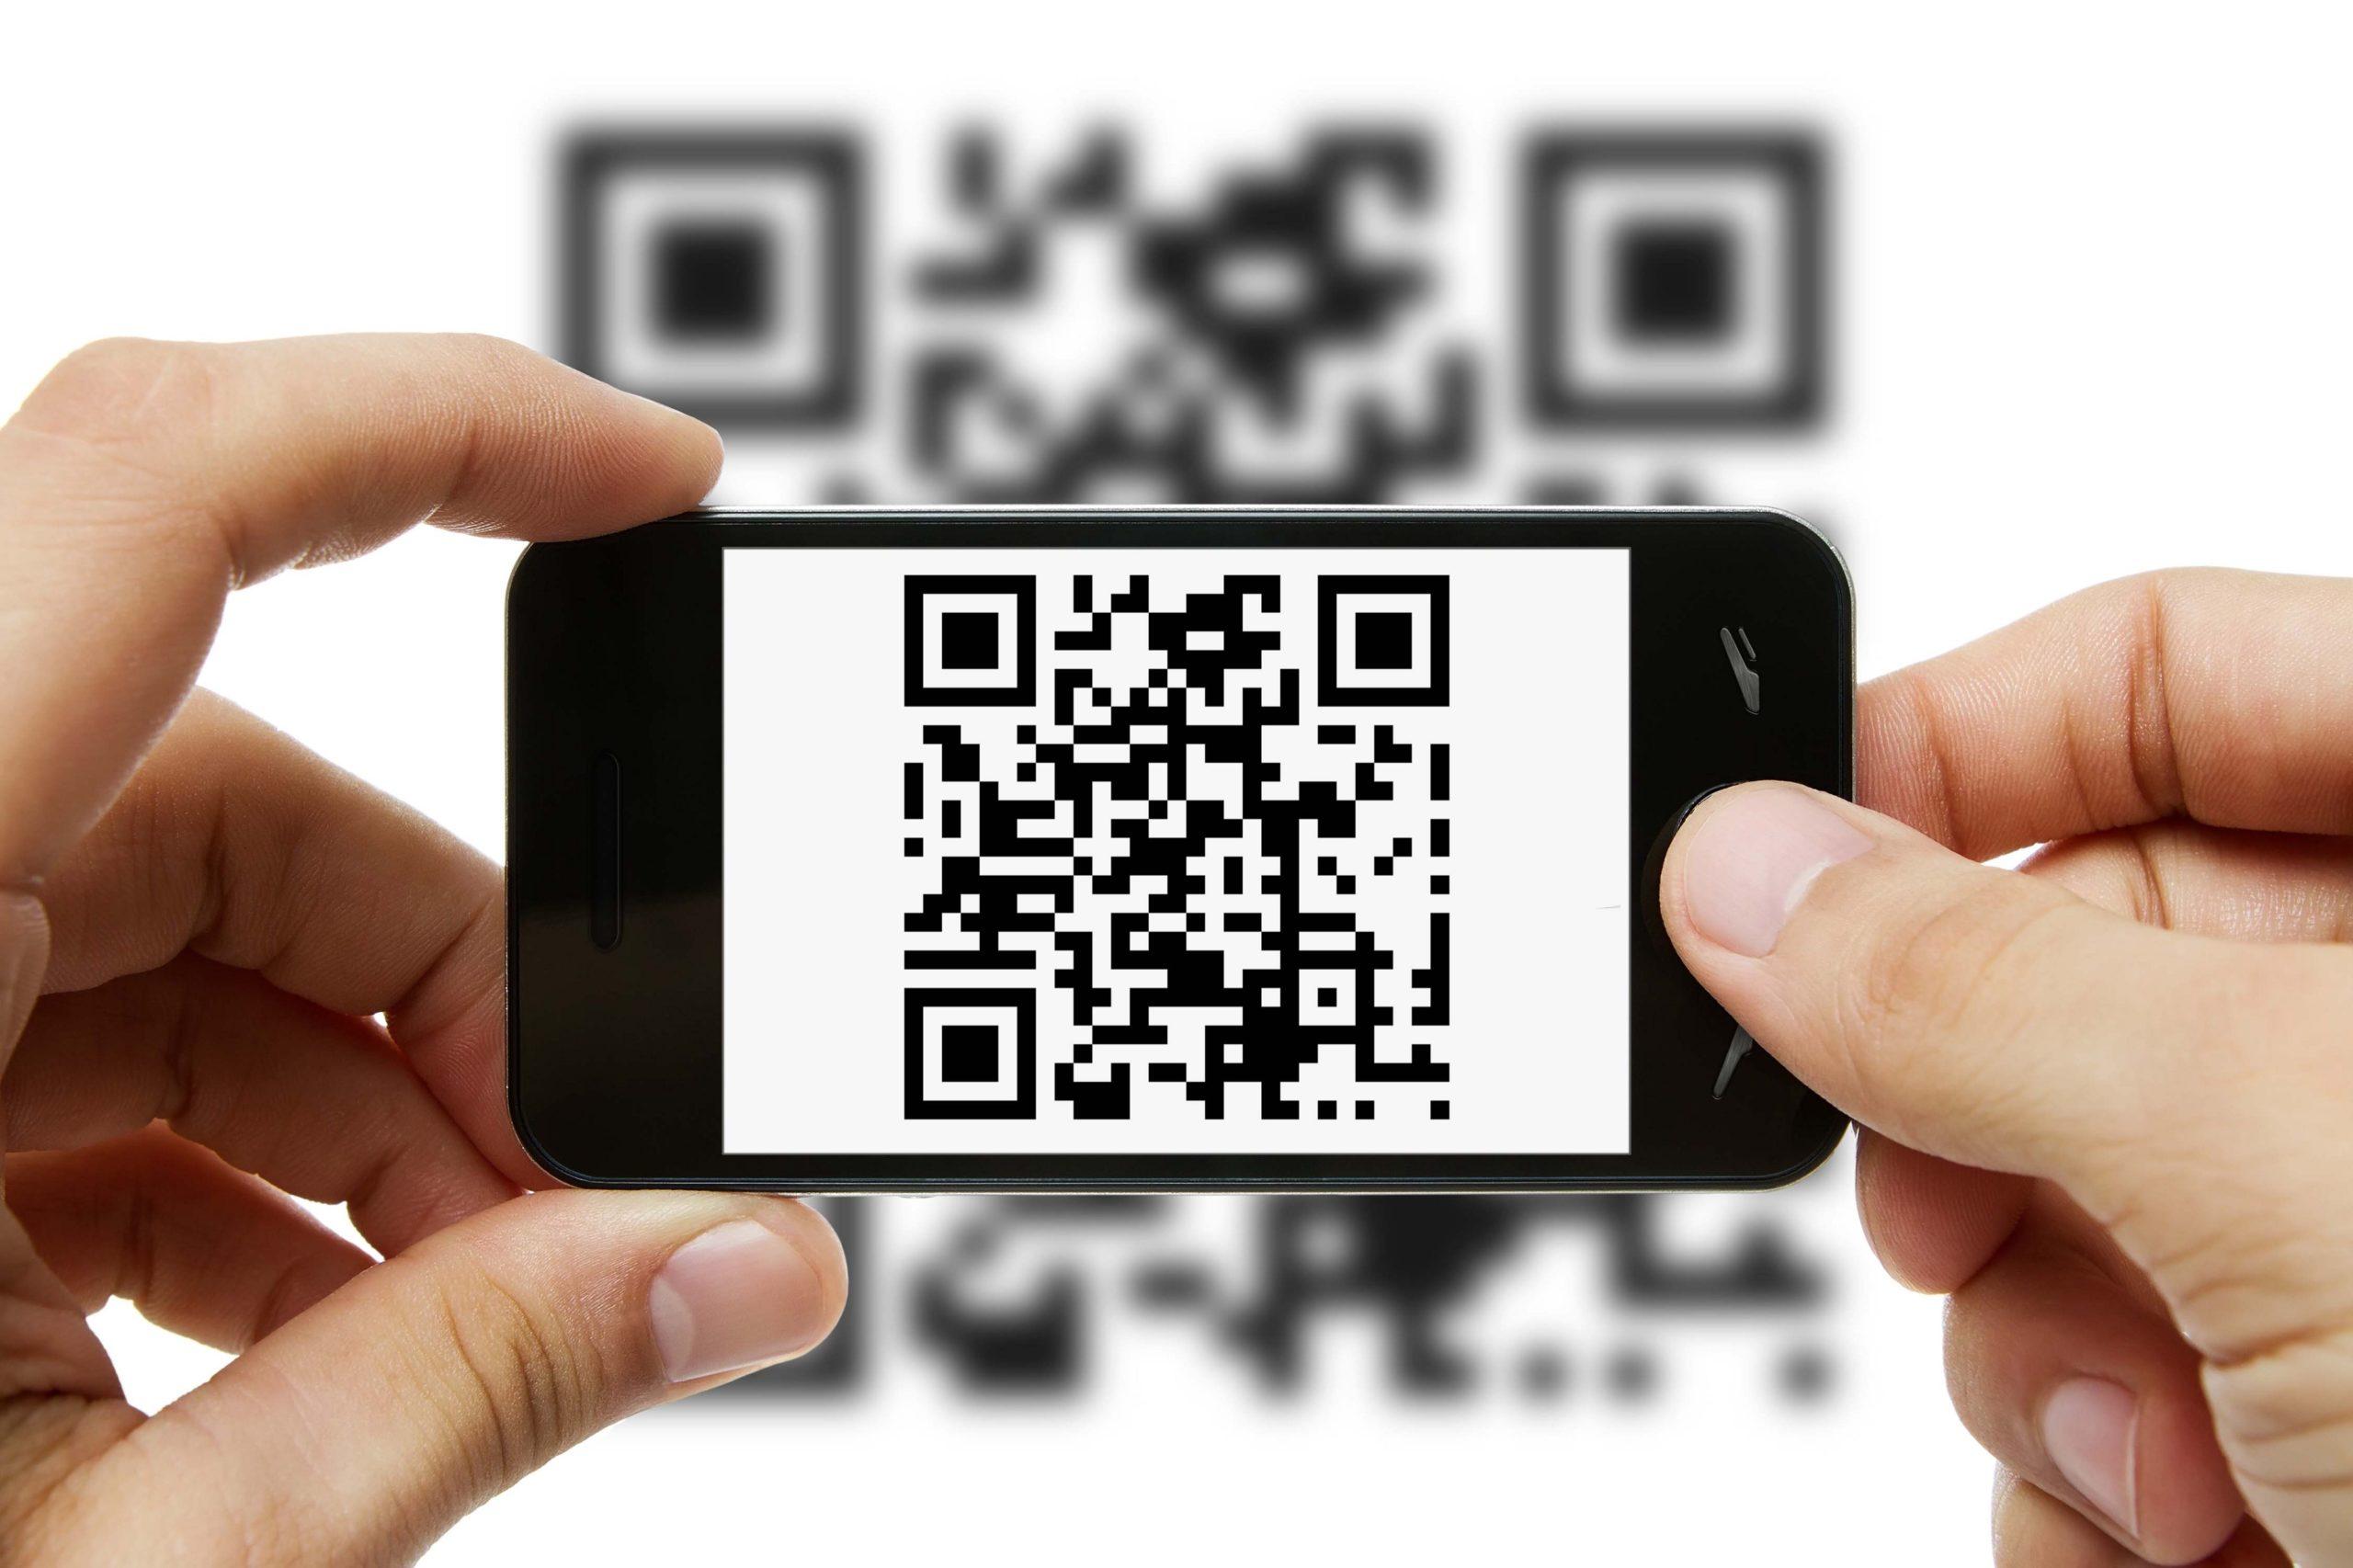 Quét mã QR bằng app trên điện thoại